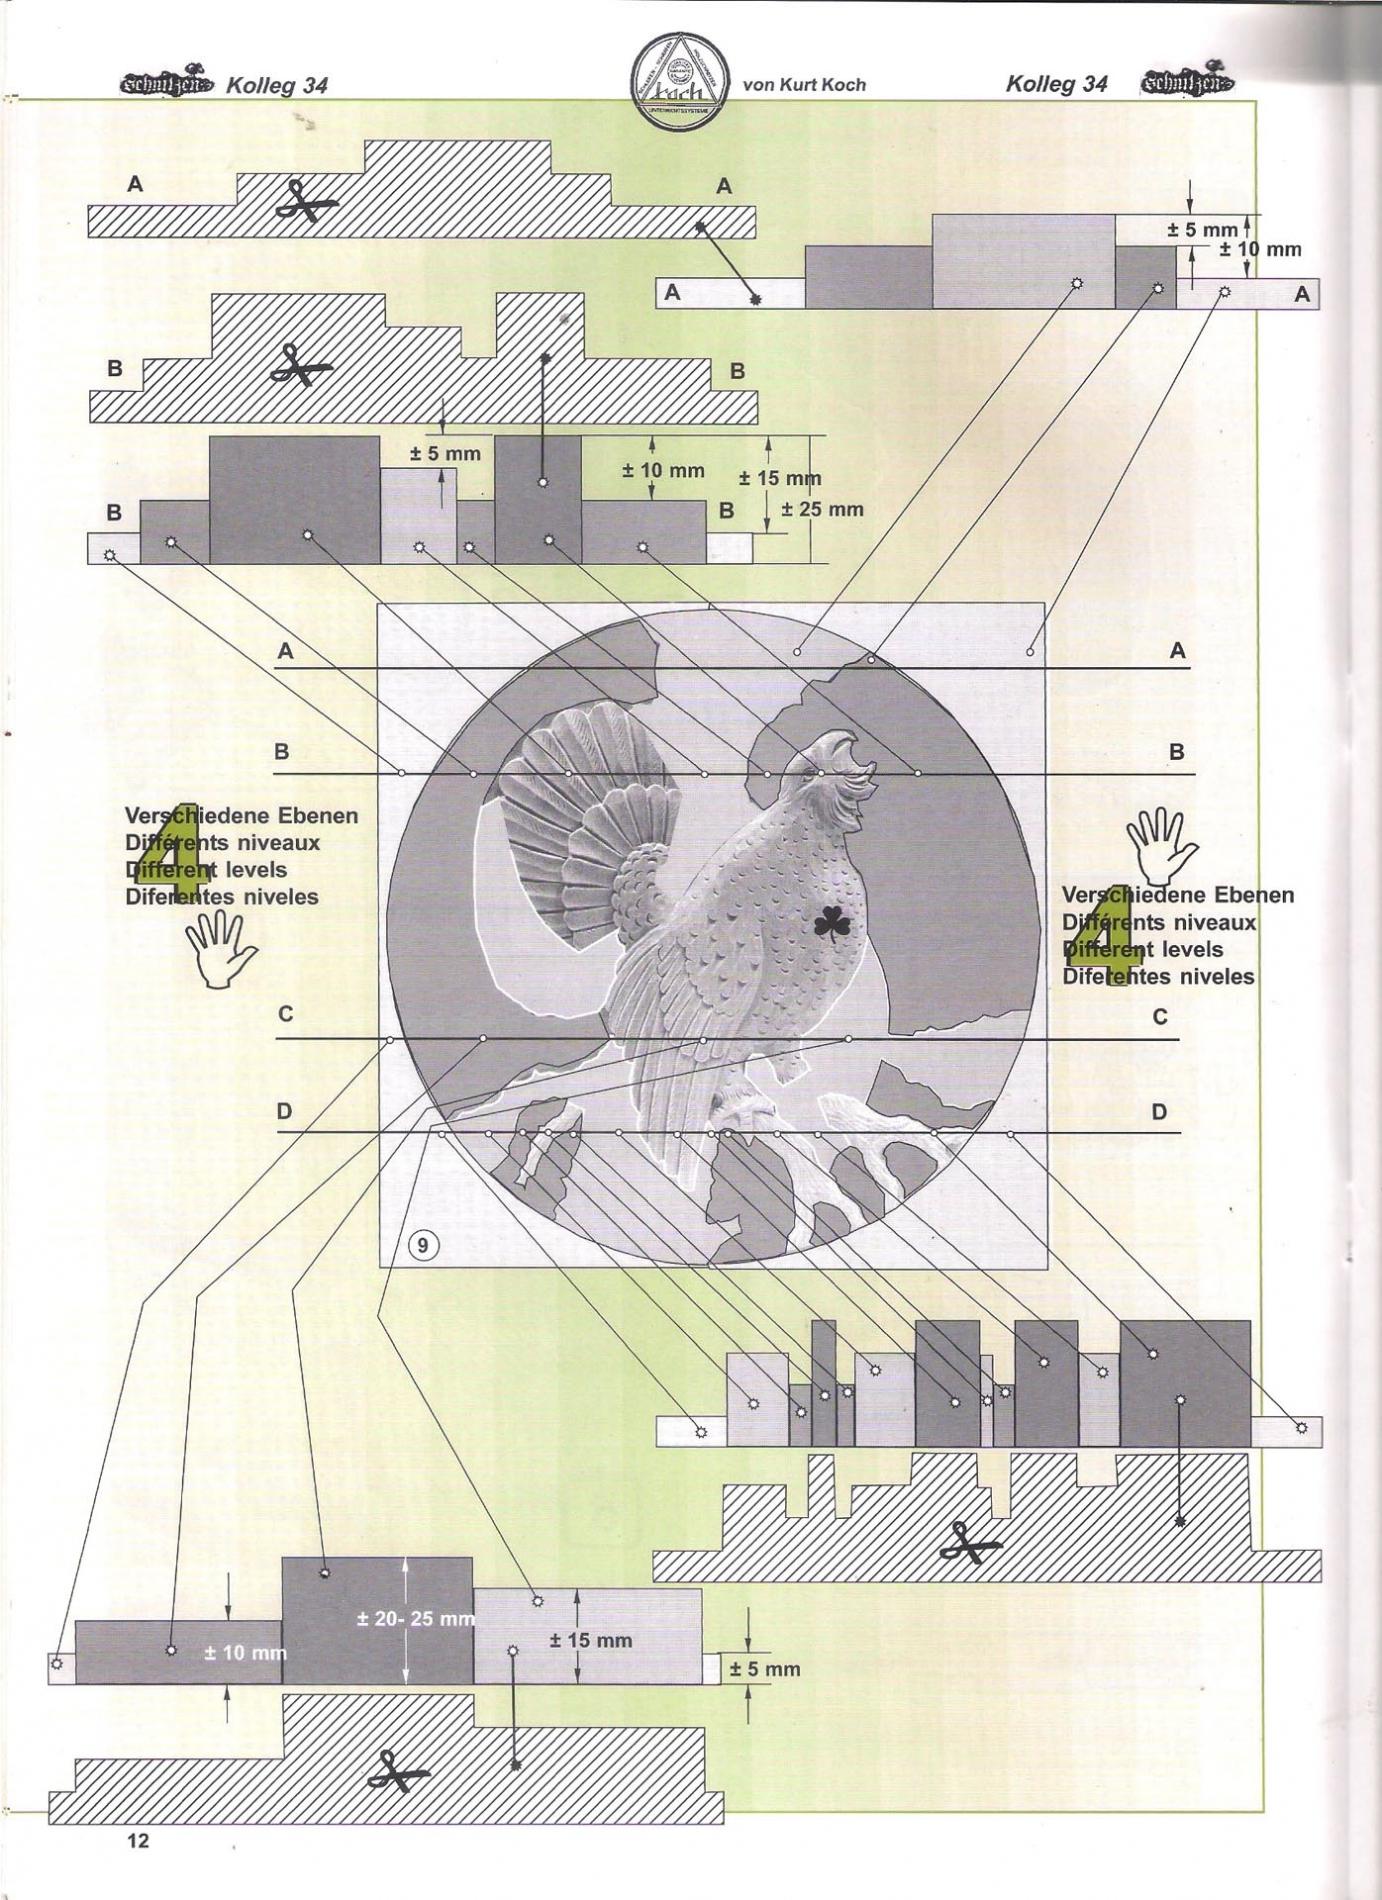 Koch_34-Revista KOCH 34 Aprende tallar aves alto relieve-max-2.